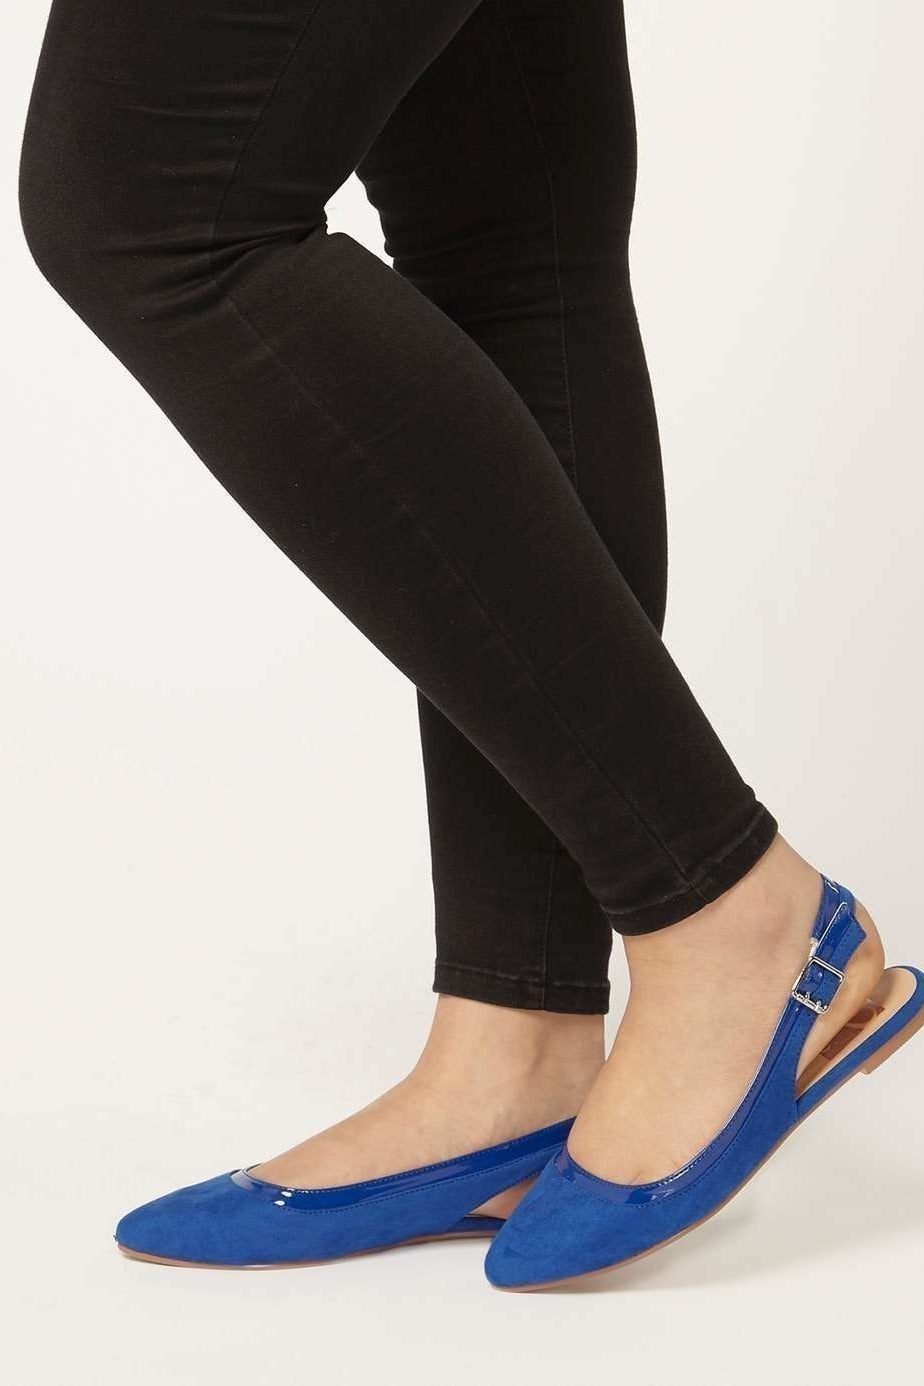 Blue Suedette Slingback Shoe, £20.00